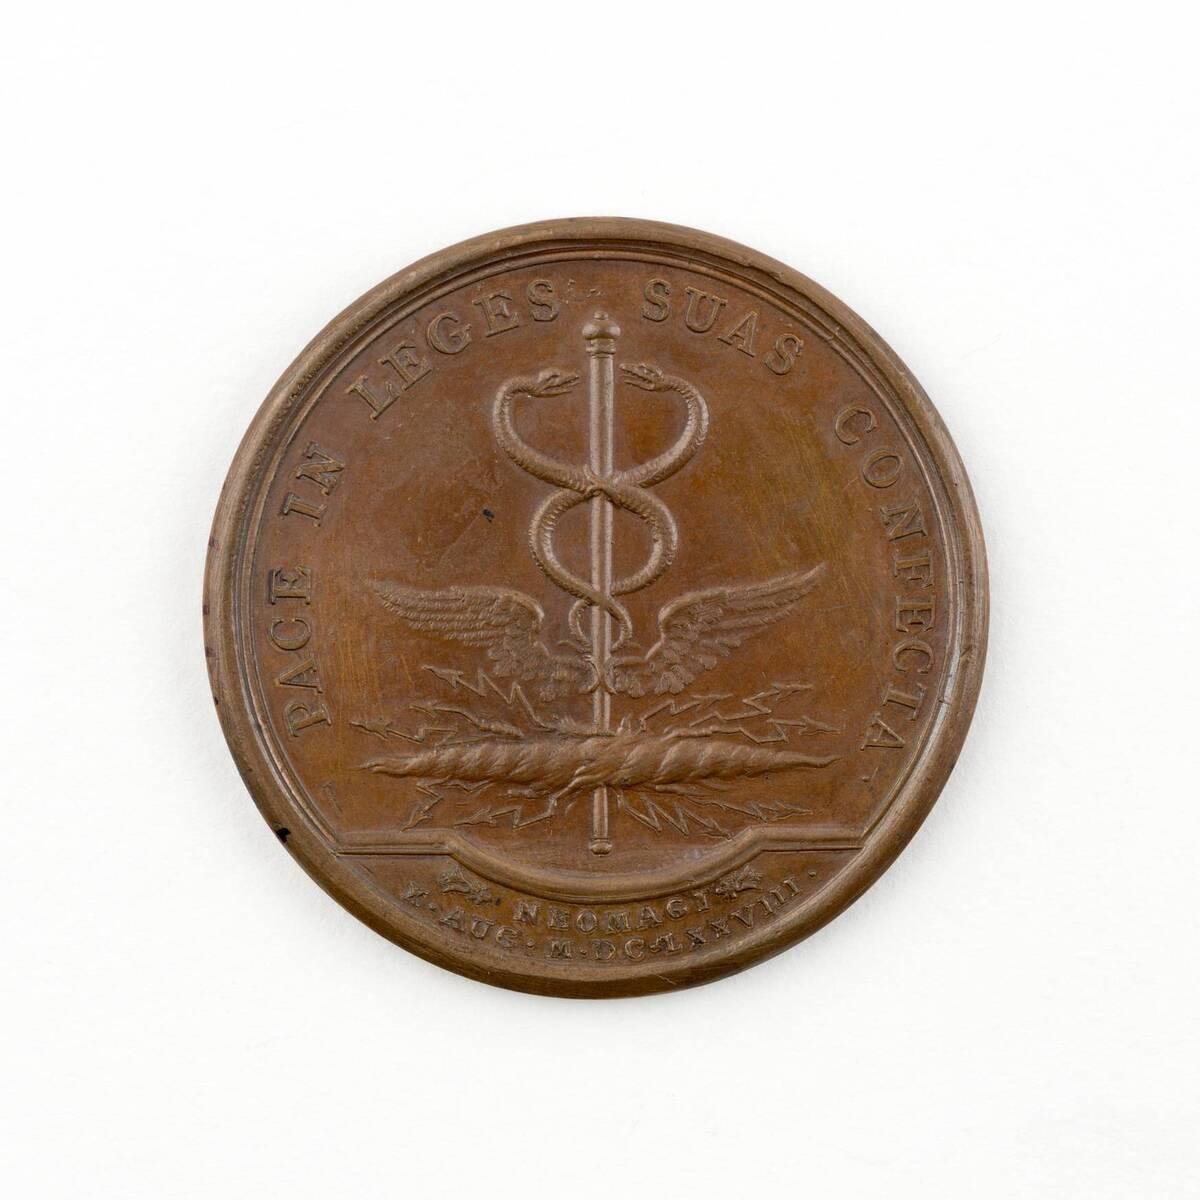 Medaille auf König Ludwig XIV. von Frankreich von Anonym